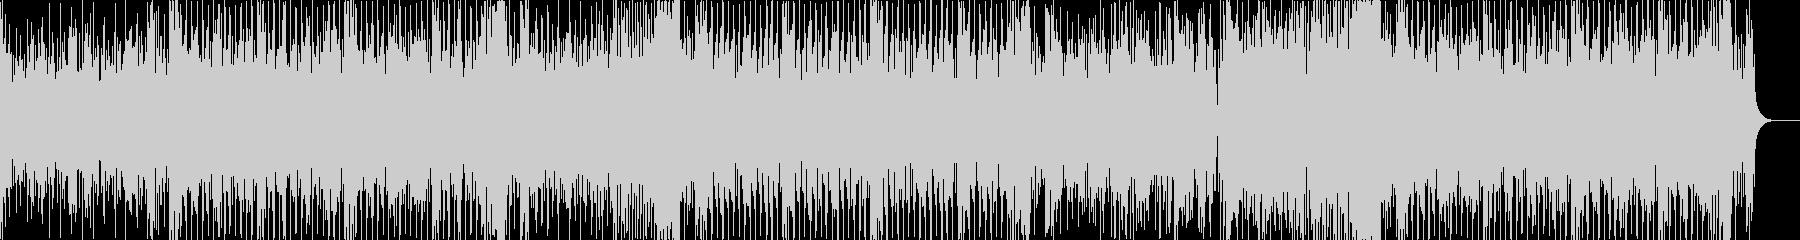 ディスコな感じのエレクトロハウスの未再生の波形